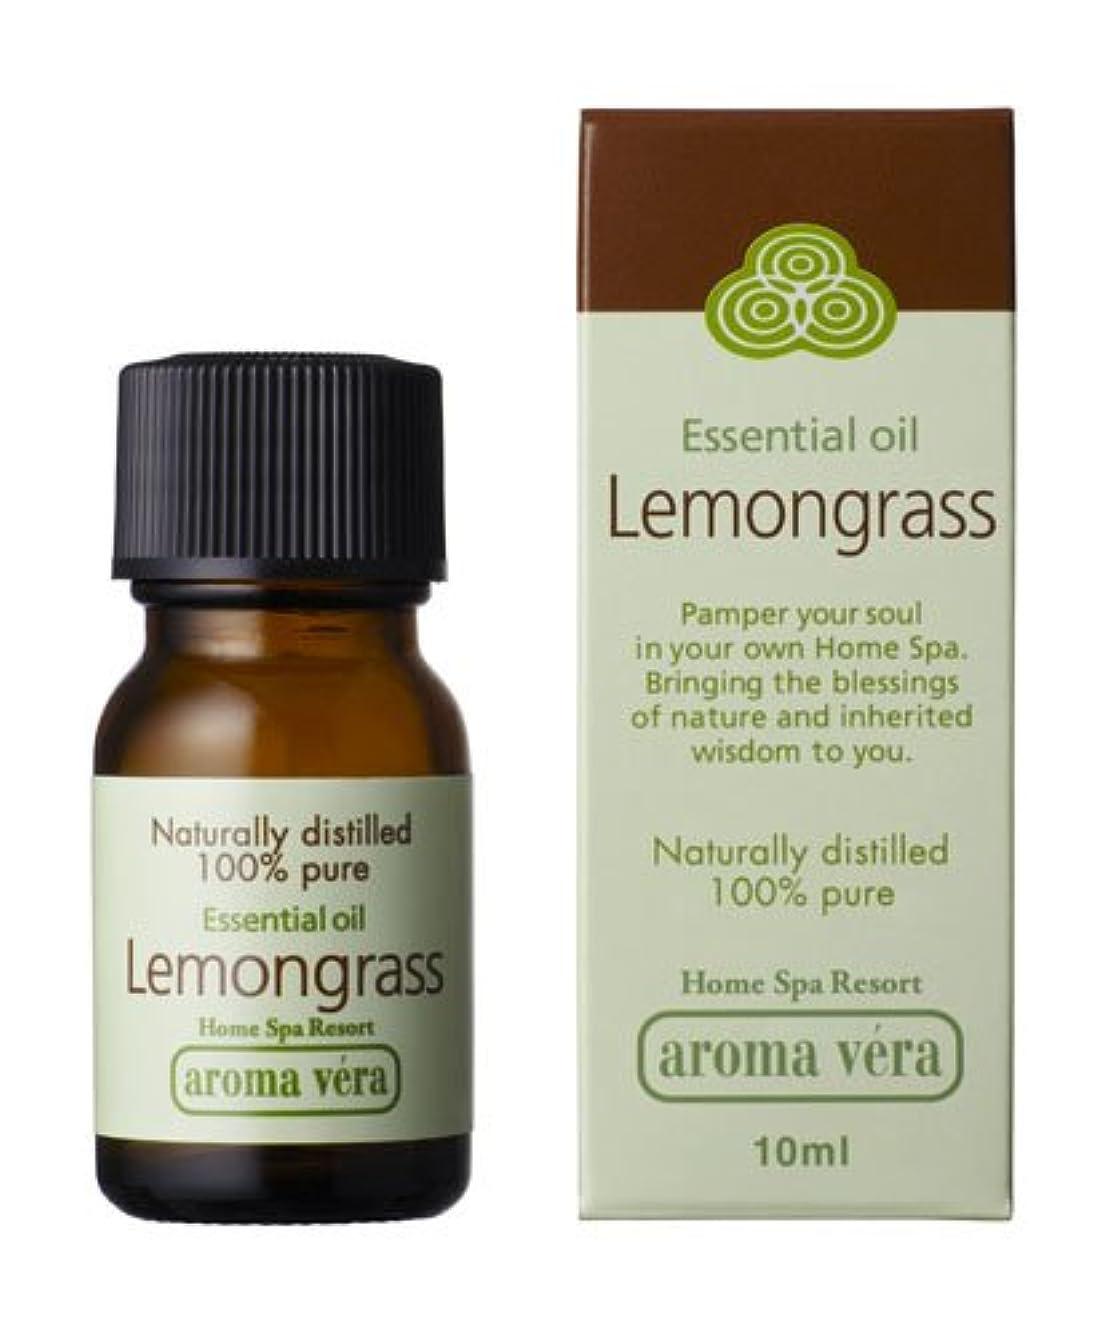 ヒールバラバラにする厄介なアロマベラ エッセンシャルオイル レモングラス 10ml